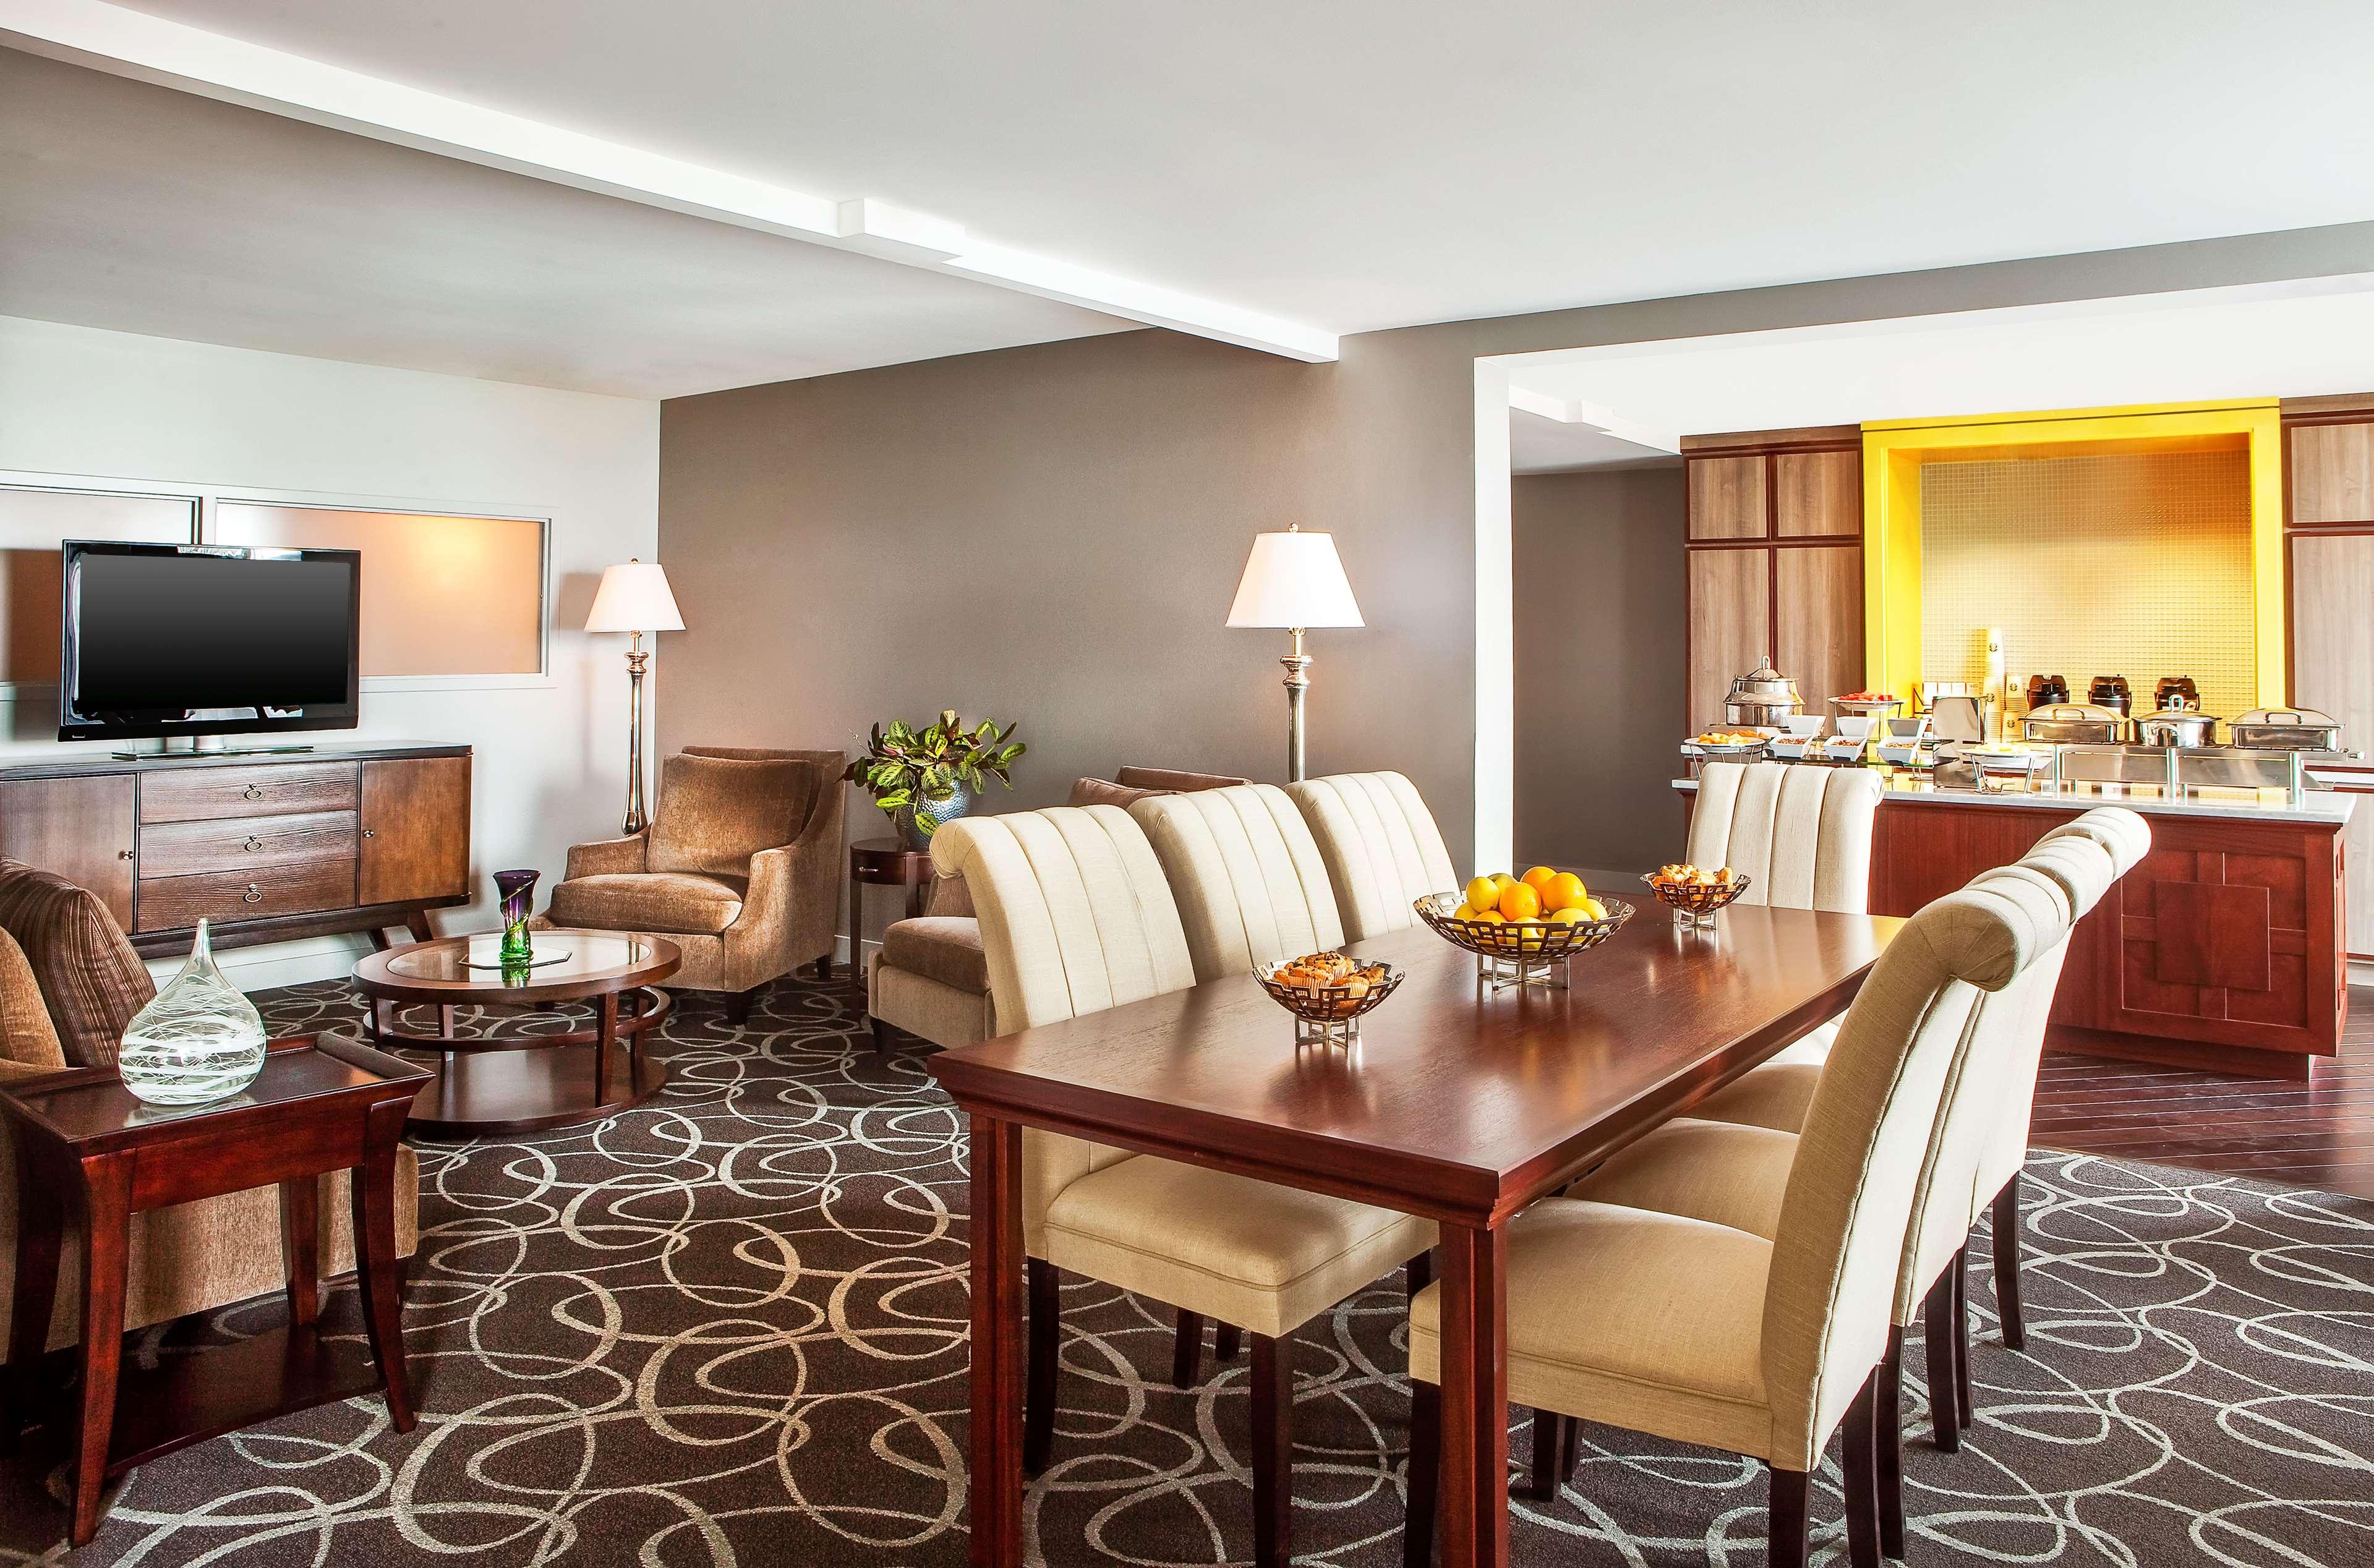 Sheraton Harrisburg Hershey Hotel image 3